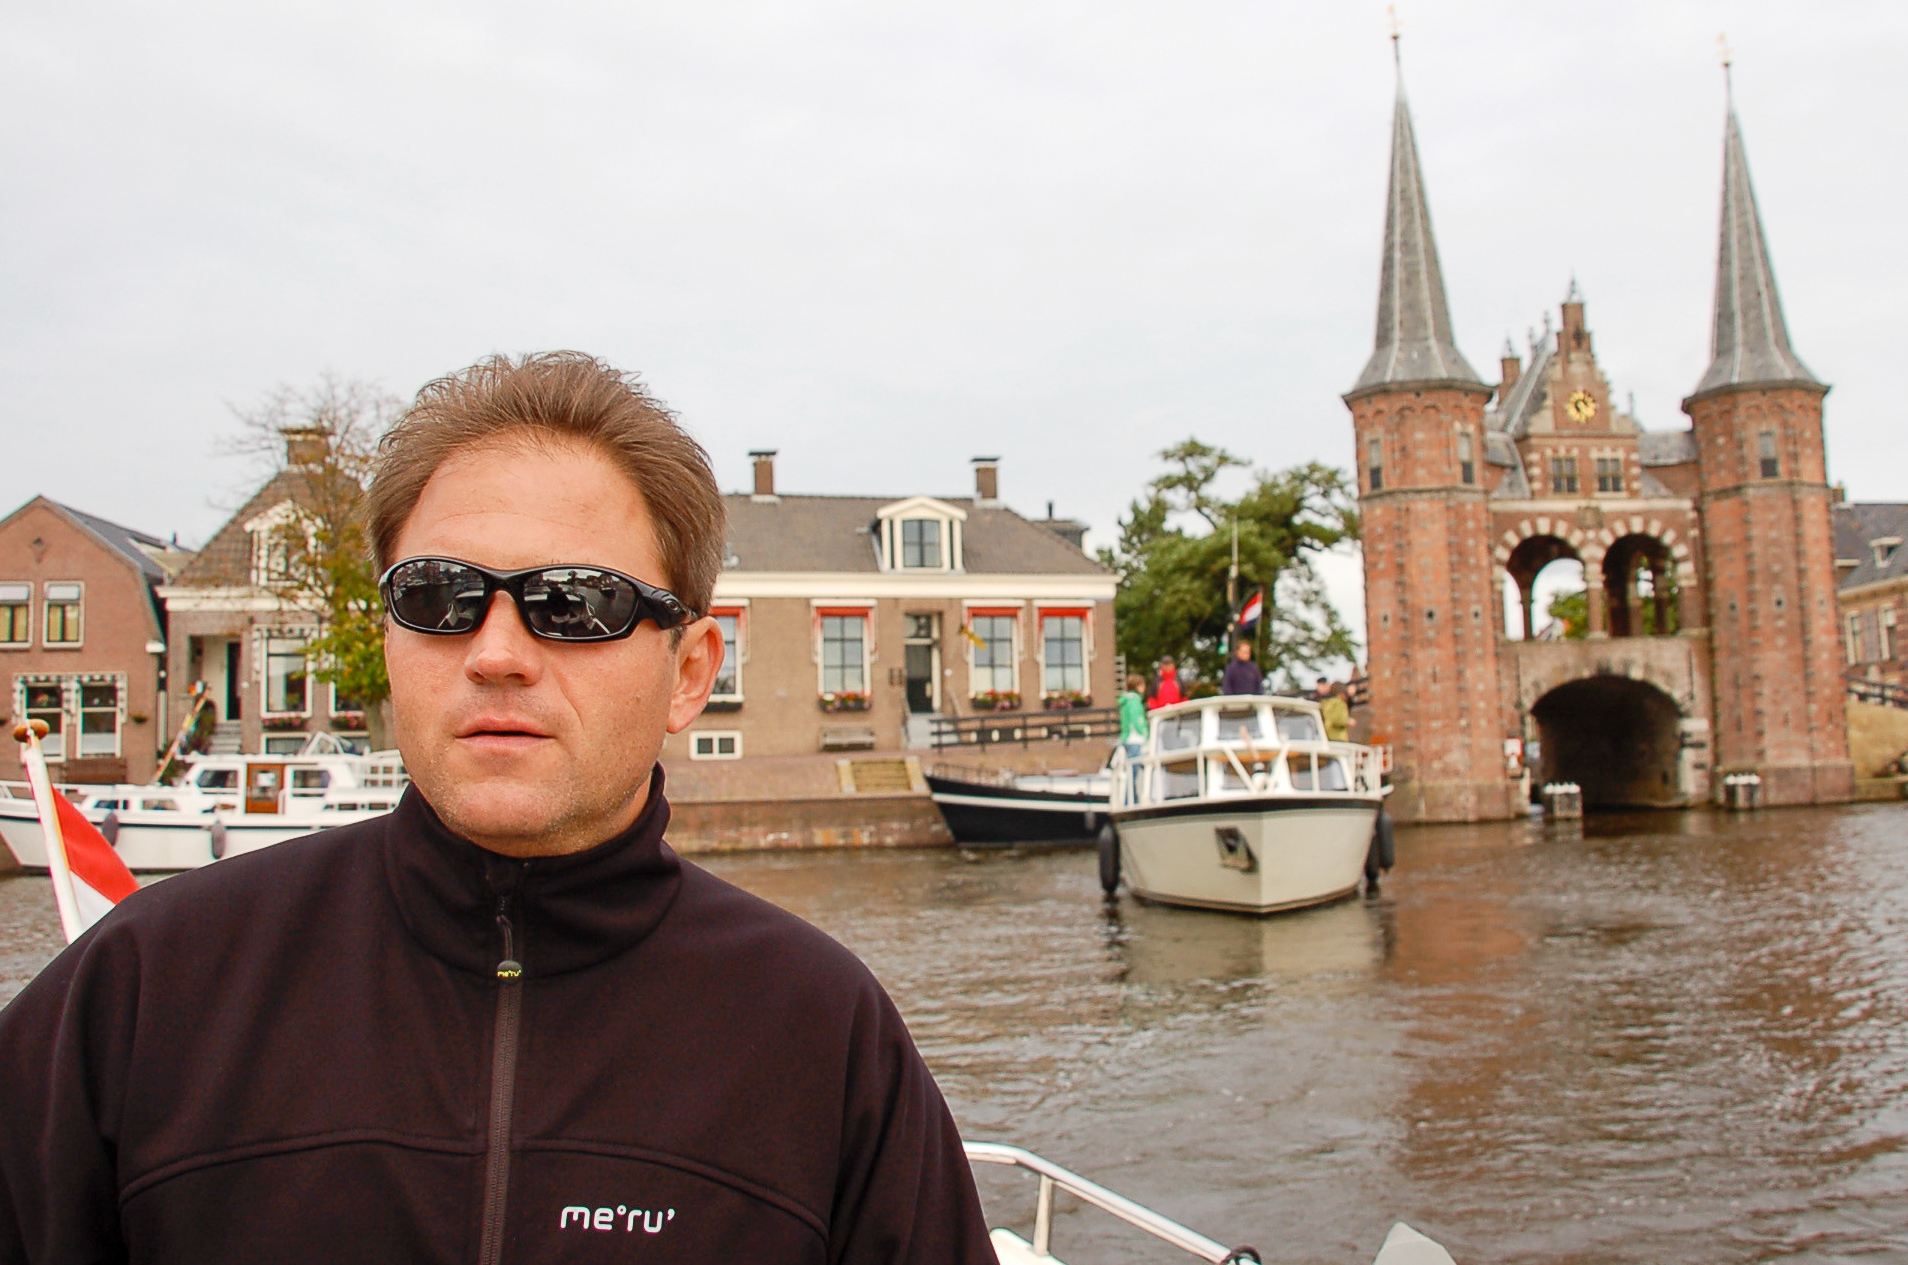 Käptn Ralf im Städtchen Sneek in Friesland